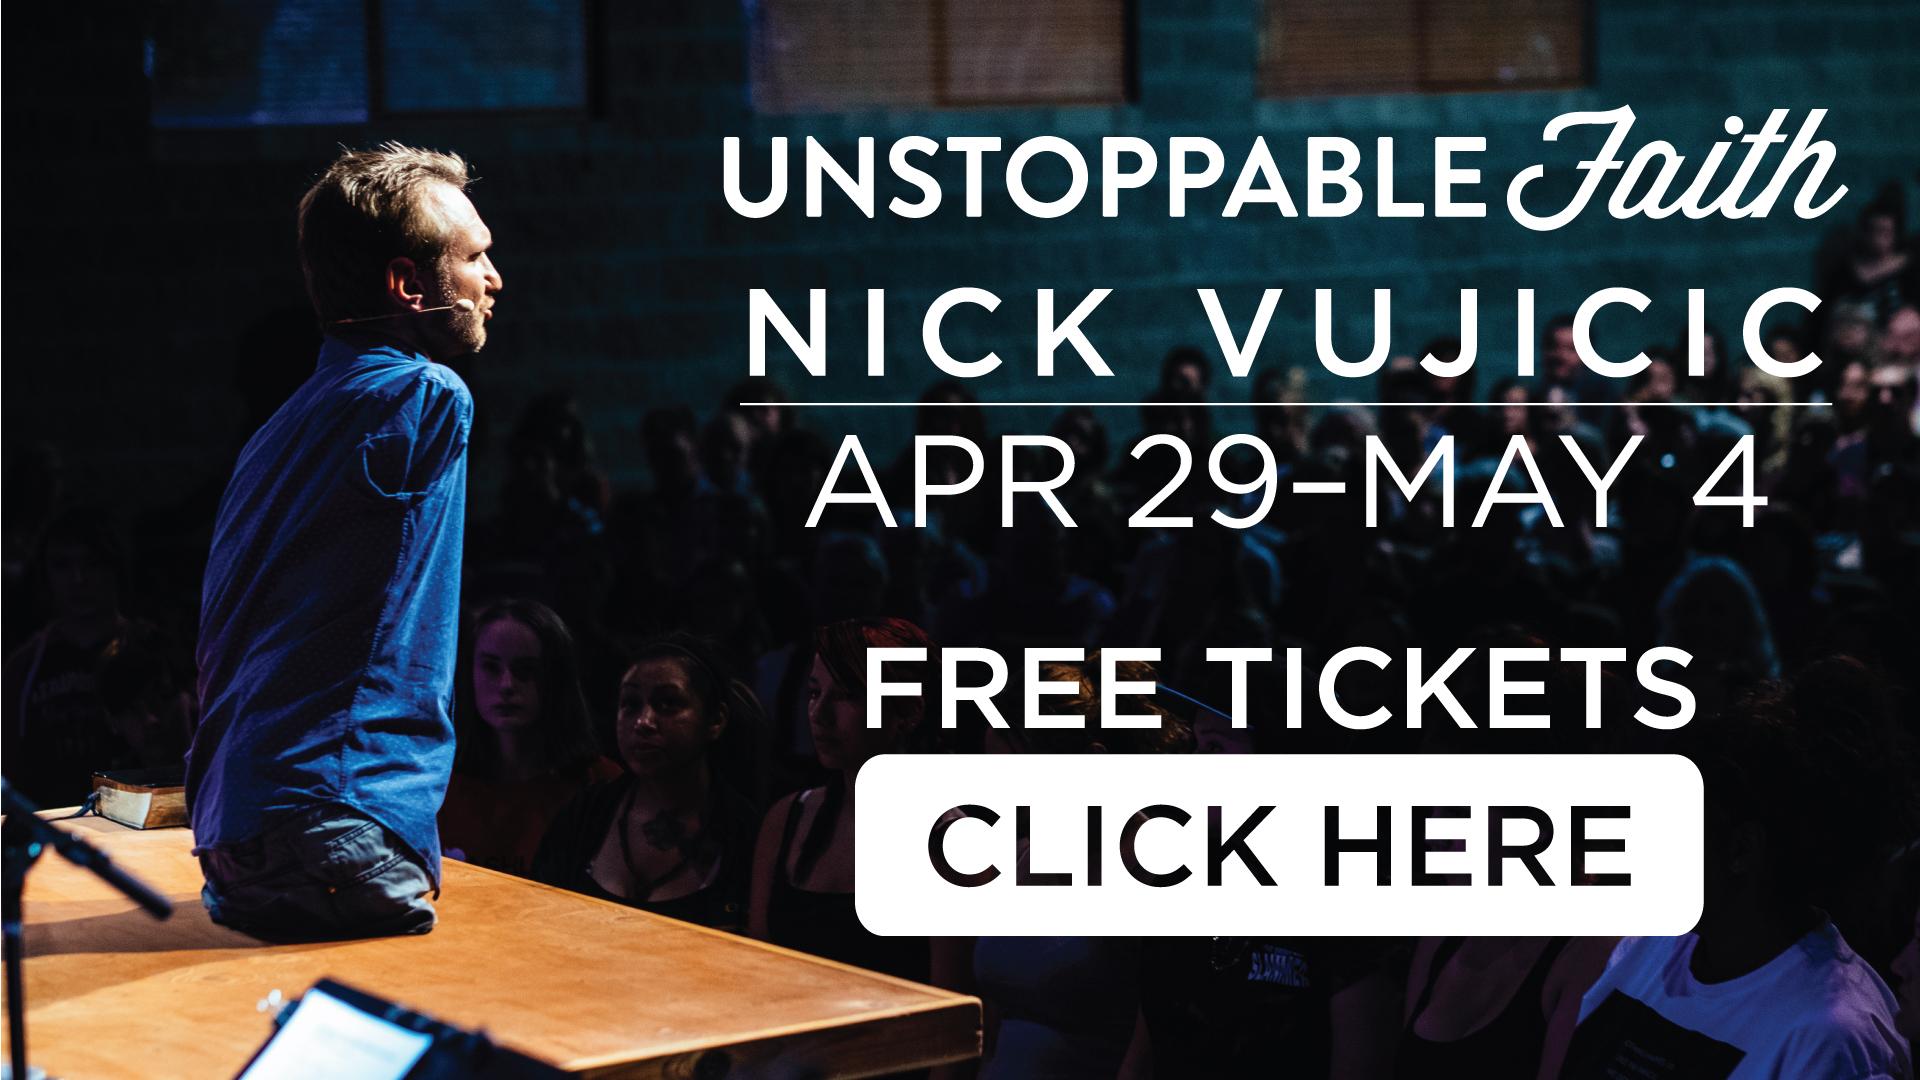 Unstoppable-Faith_click-here_Website.jpg